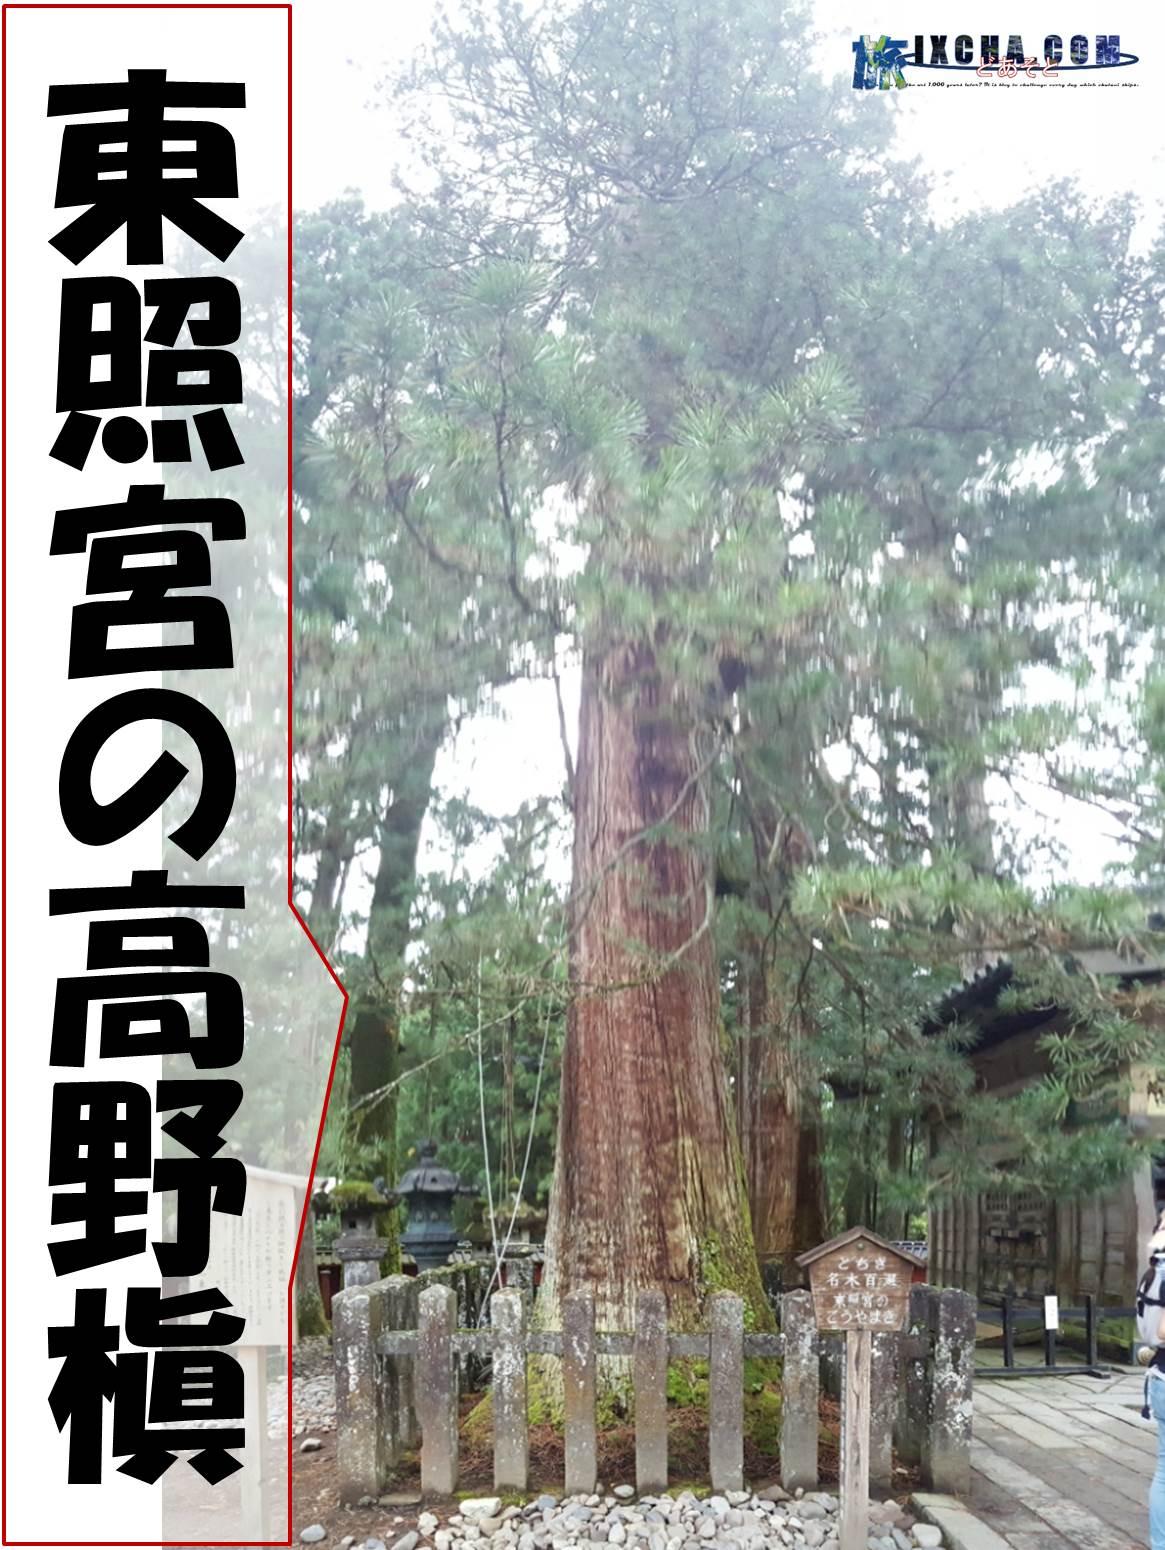 この巨木は「東照宮の高野槇」と名付けられた木で更に横には三猿で有名な「神厩舎」があります。 「東照宮の高野槇」は、樹齢370余年、高さ約39㍍ある巨木で三代将軍徳川家光公御手植えの樹として知られています。 ちなみに、「高野槇」って何だろう?って思う人も居るみたいなので、簡単にいうと植物名です。 チューリップとか、桜とかそういう名前の事です。 悠仁親王殿下の御印も「高野槇」とういうこともあり、前にある立札には「悠仁親王殿下御誕生を祝福し、お健やかな御成長を心からお祈り申し上げます。」と書かれていました。